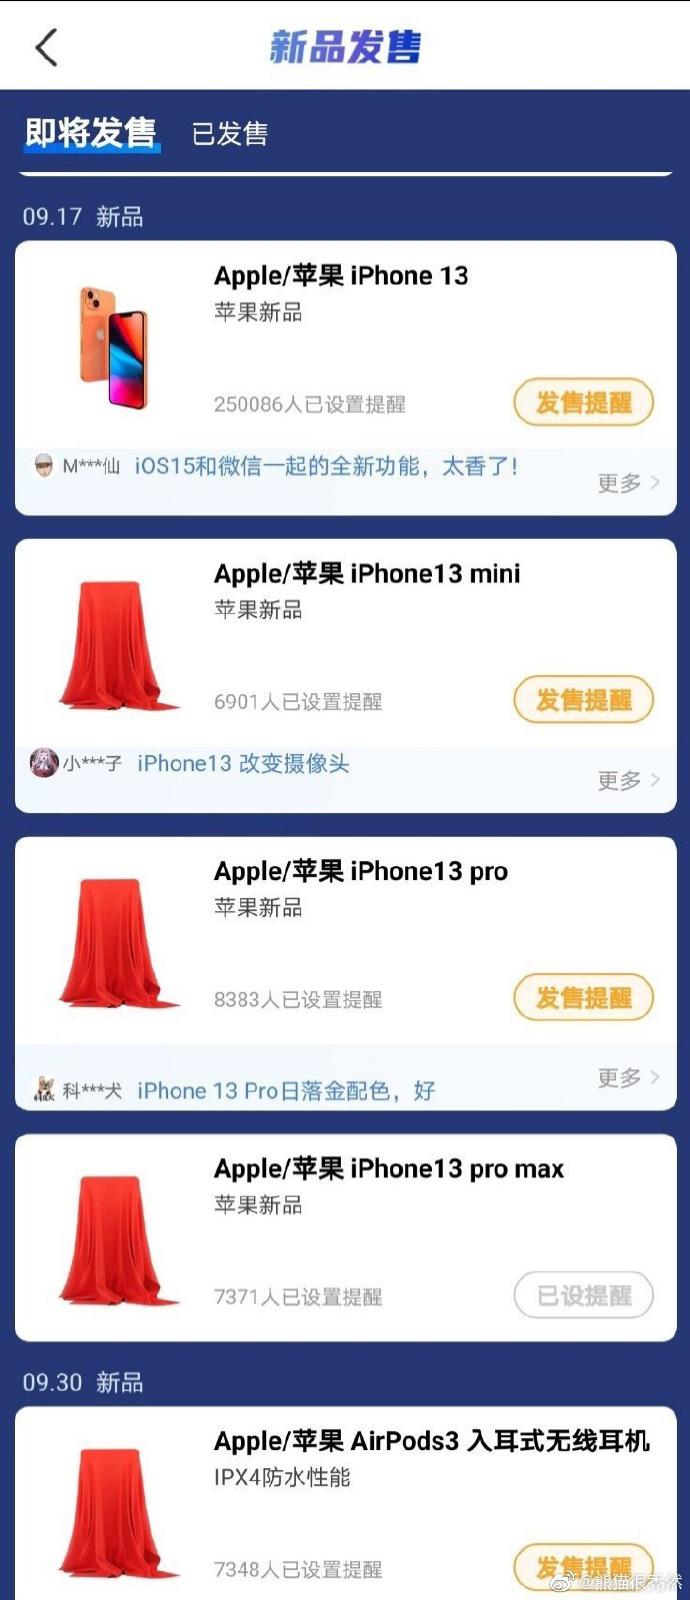 لقطة شاشة مسربة - إطلاق هواتف الآيفون 13